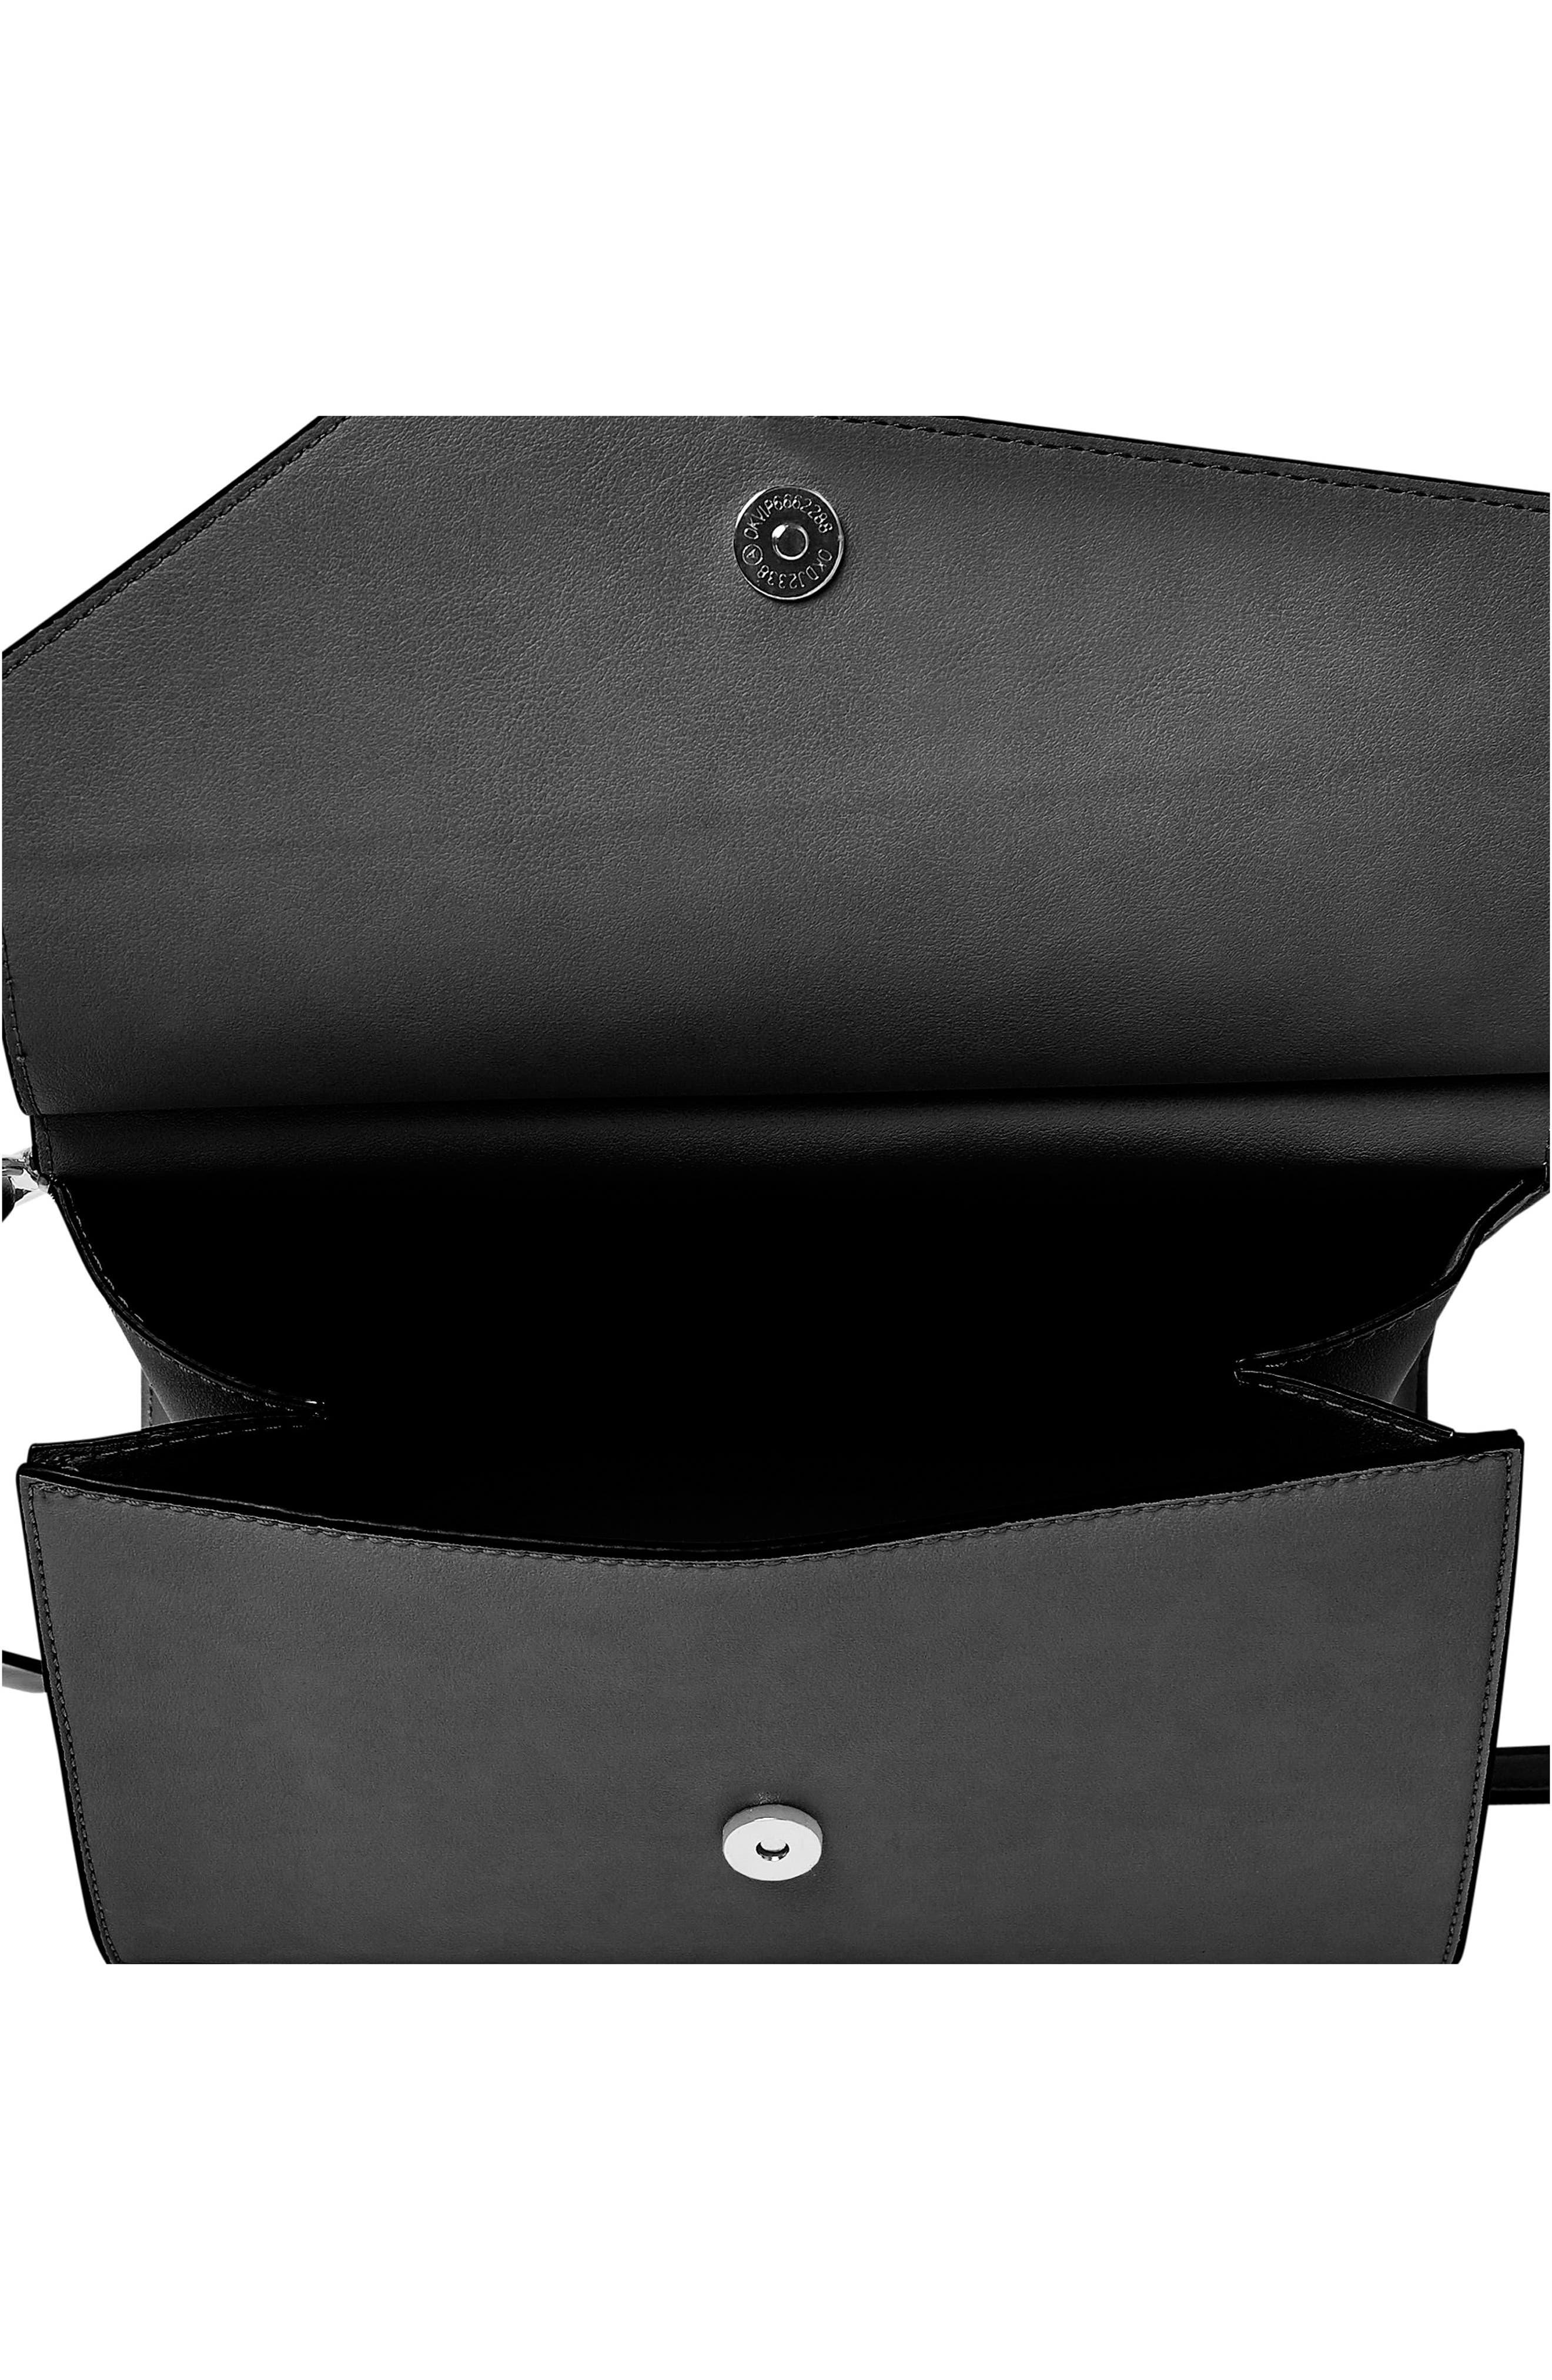 Shimmer Vegan Leather Shoulder Bag,                             Alternate thumbnail 3, color,                             006